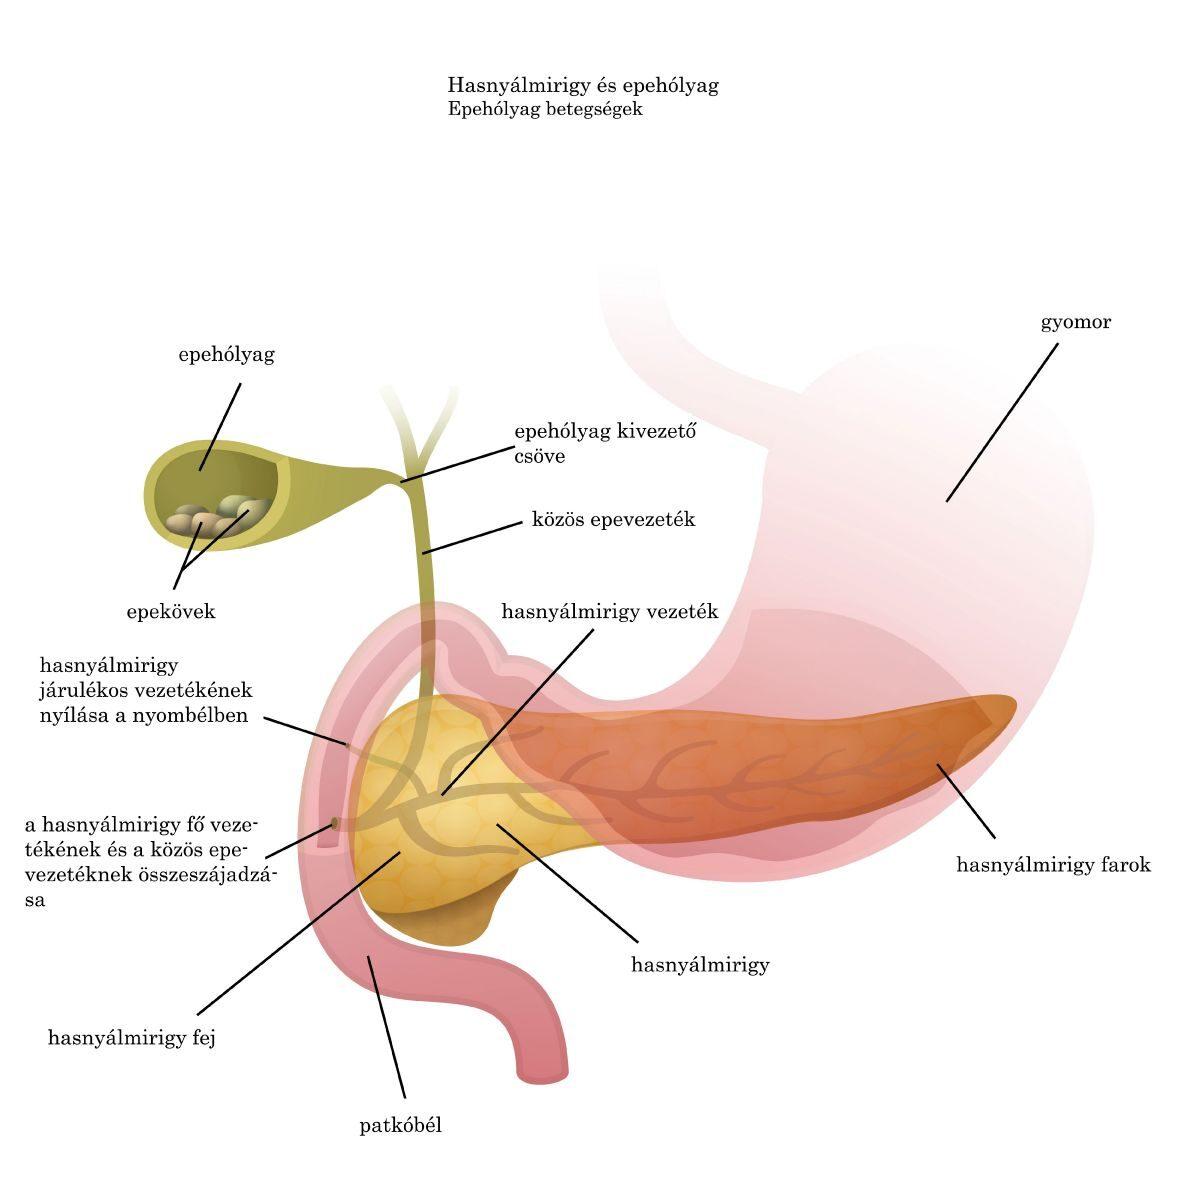 hpv, valamint a torok és a száj rákja férgek a lányok kezelésében